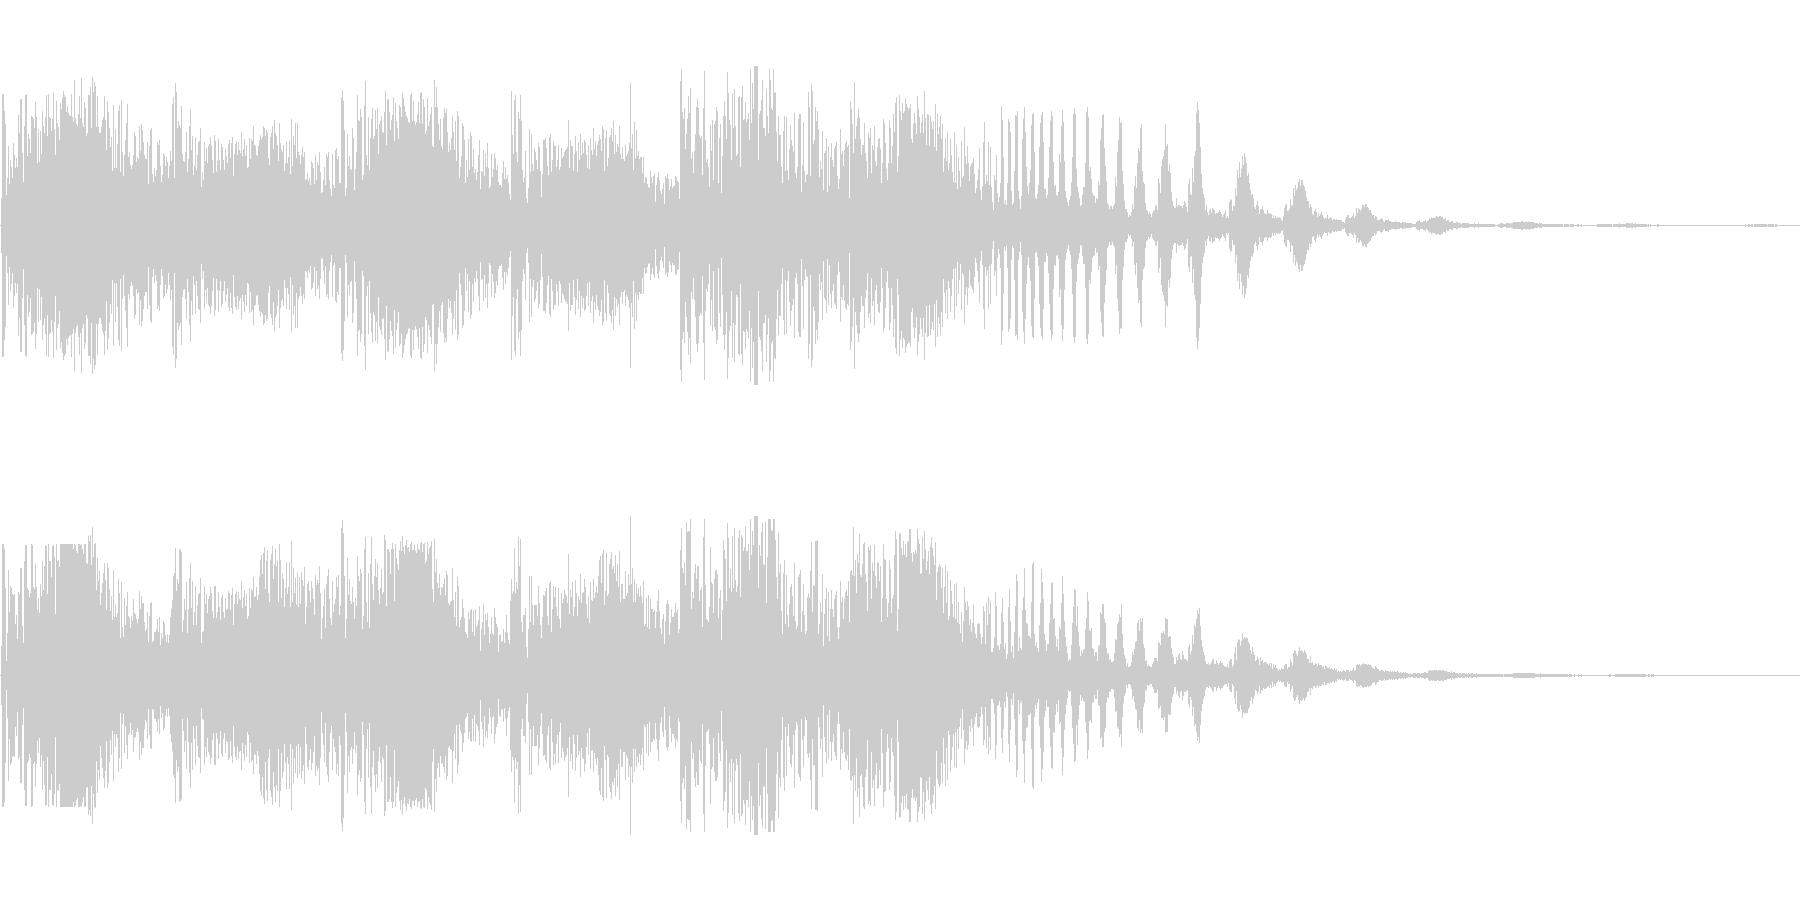 ジリリリ(割れる音 細かくなる音)の未再生の波形